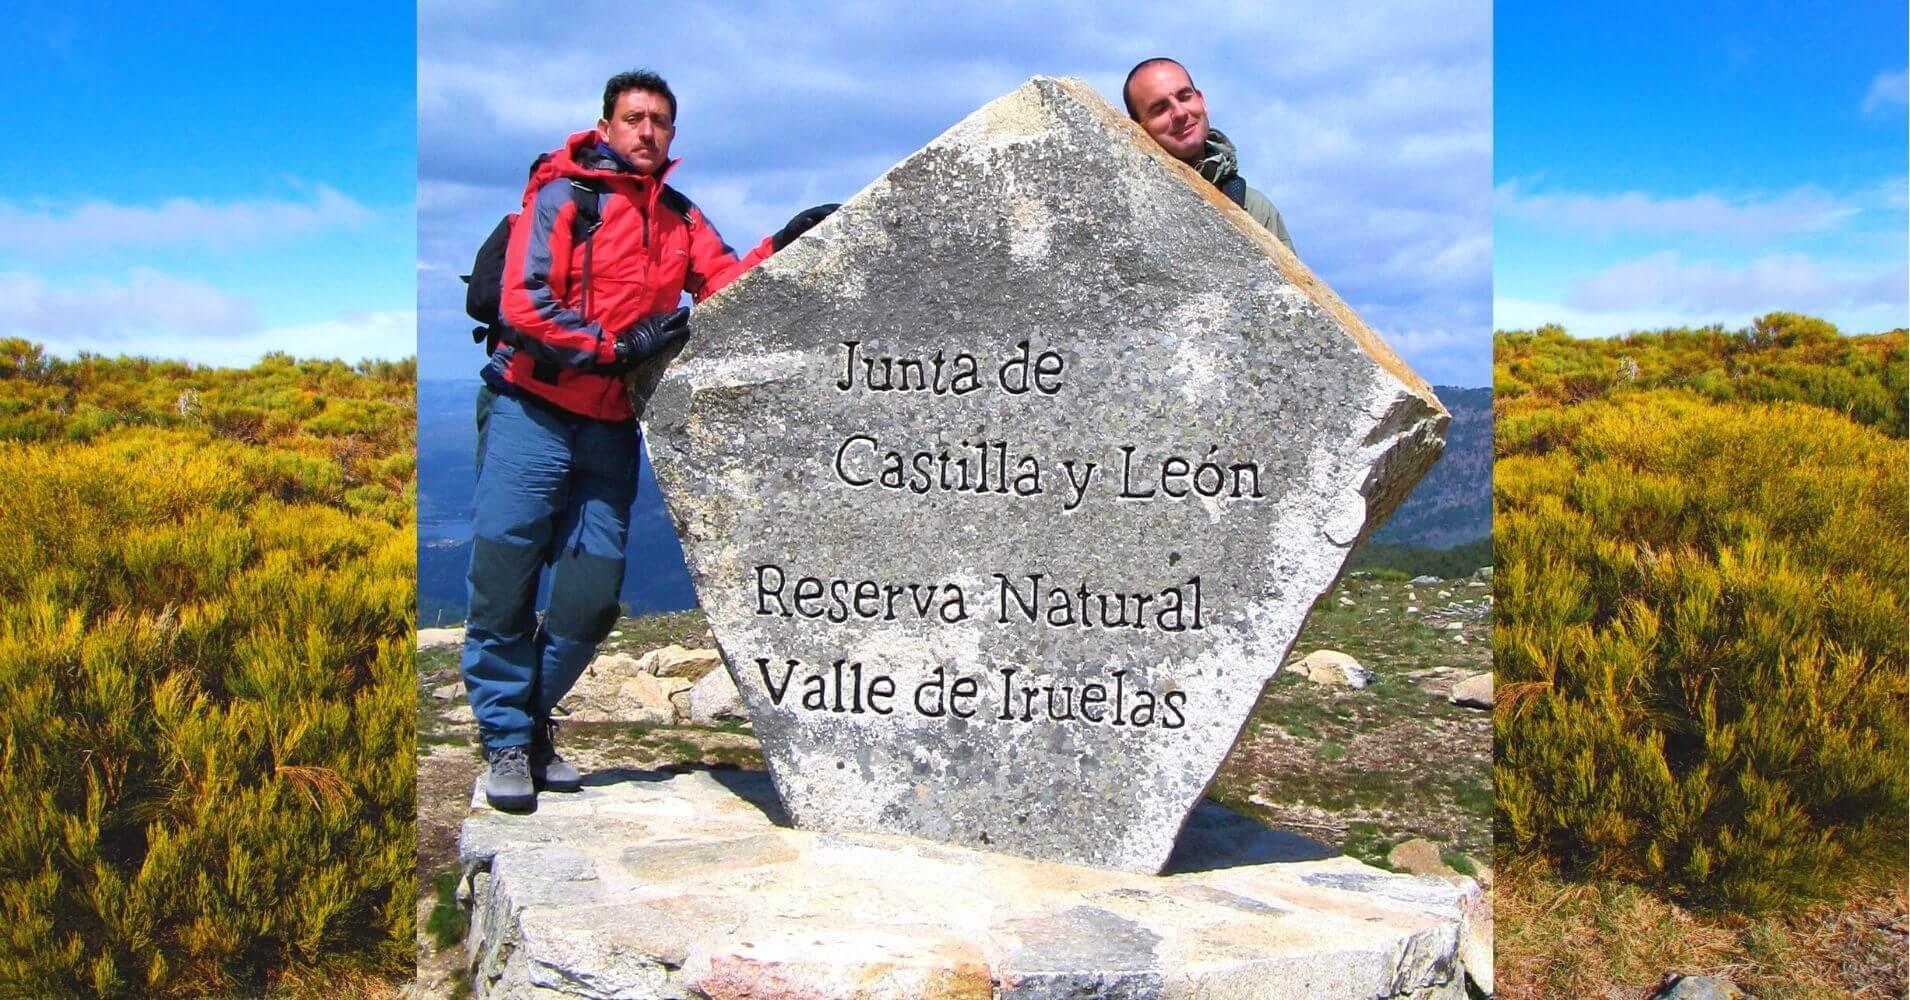 Reserva Natural del Valle de Iruelas. Ávila, Castilla y León.